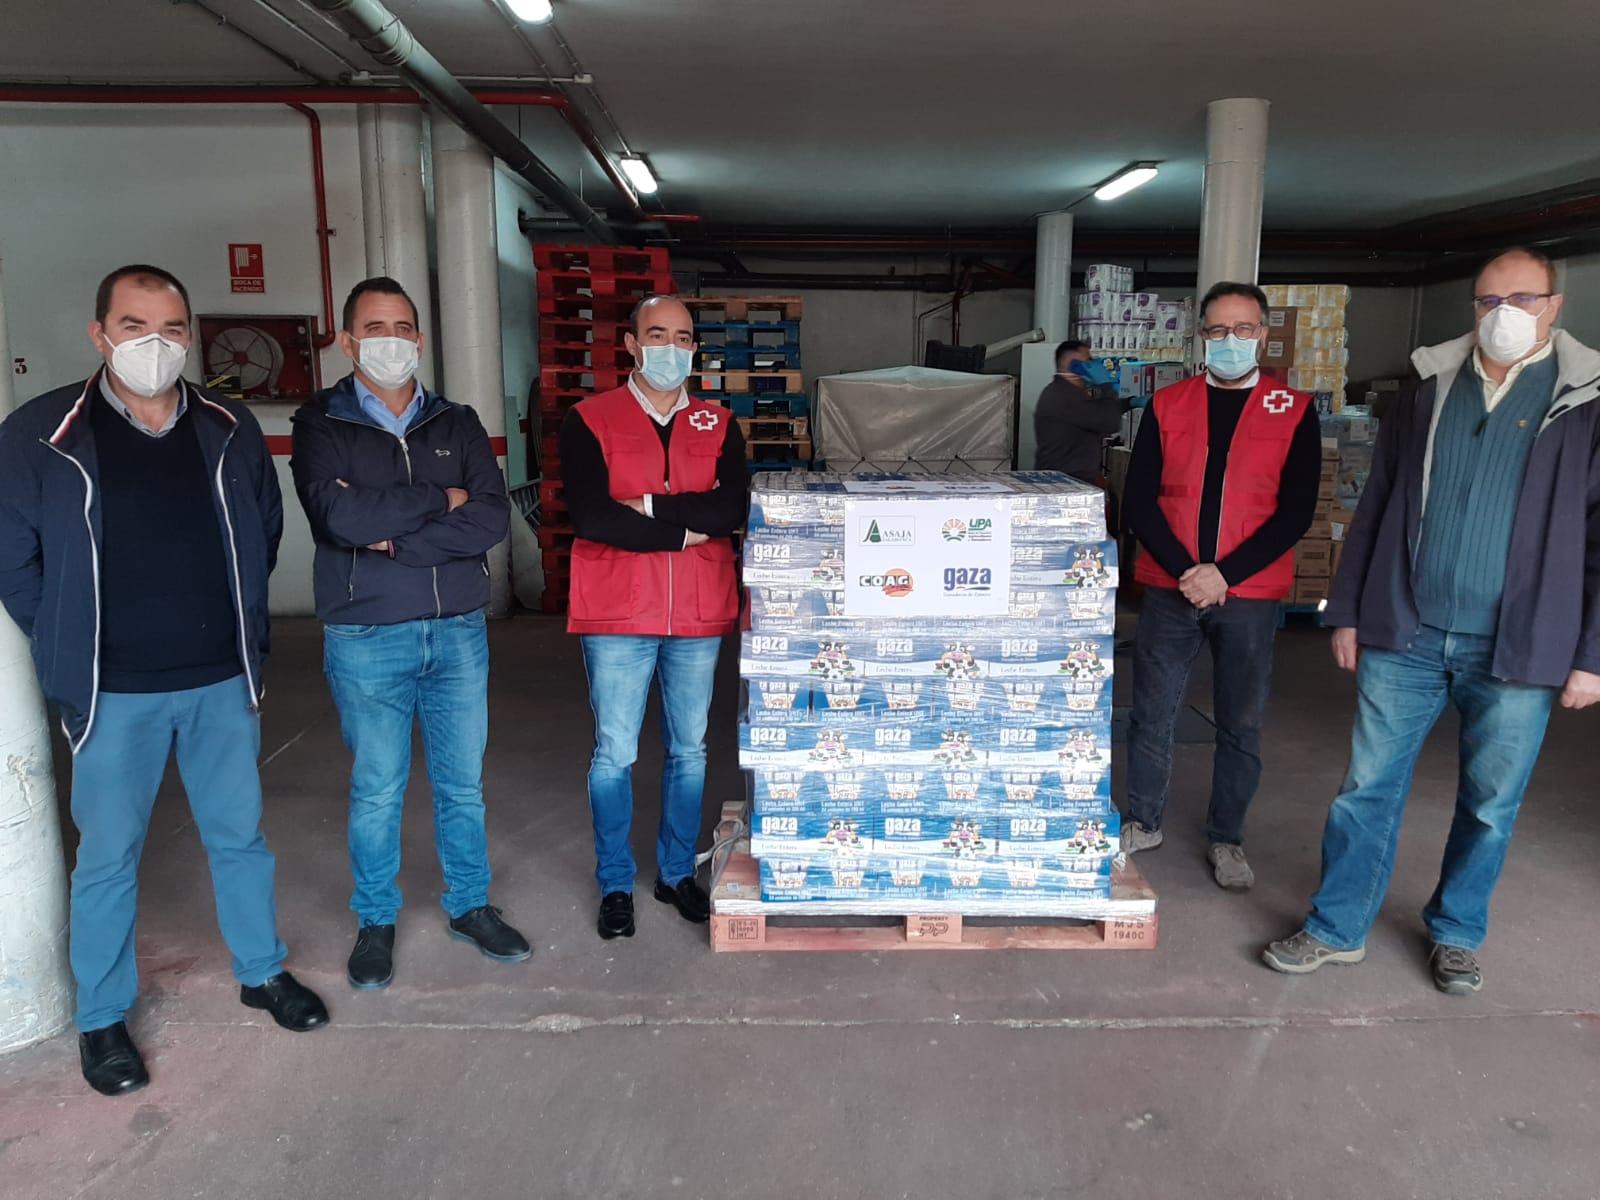 El compromiso social del campo sigue latente: OPAS y Gaza donan 20.000 raciones de leche a Cáritas y Cruz Roja en Salamanca